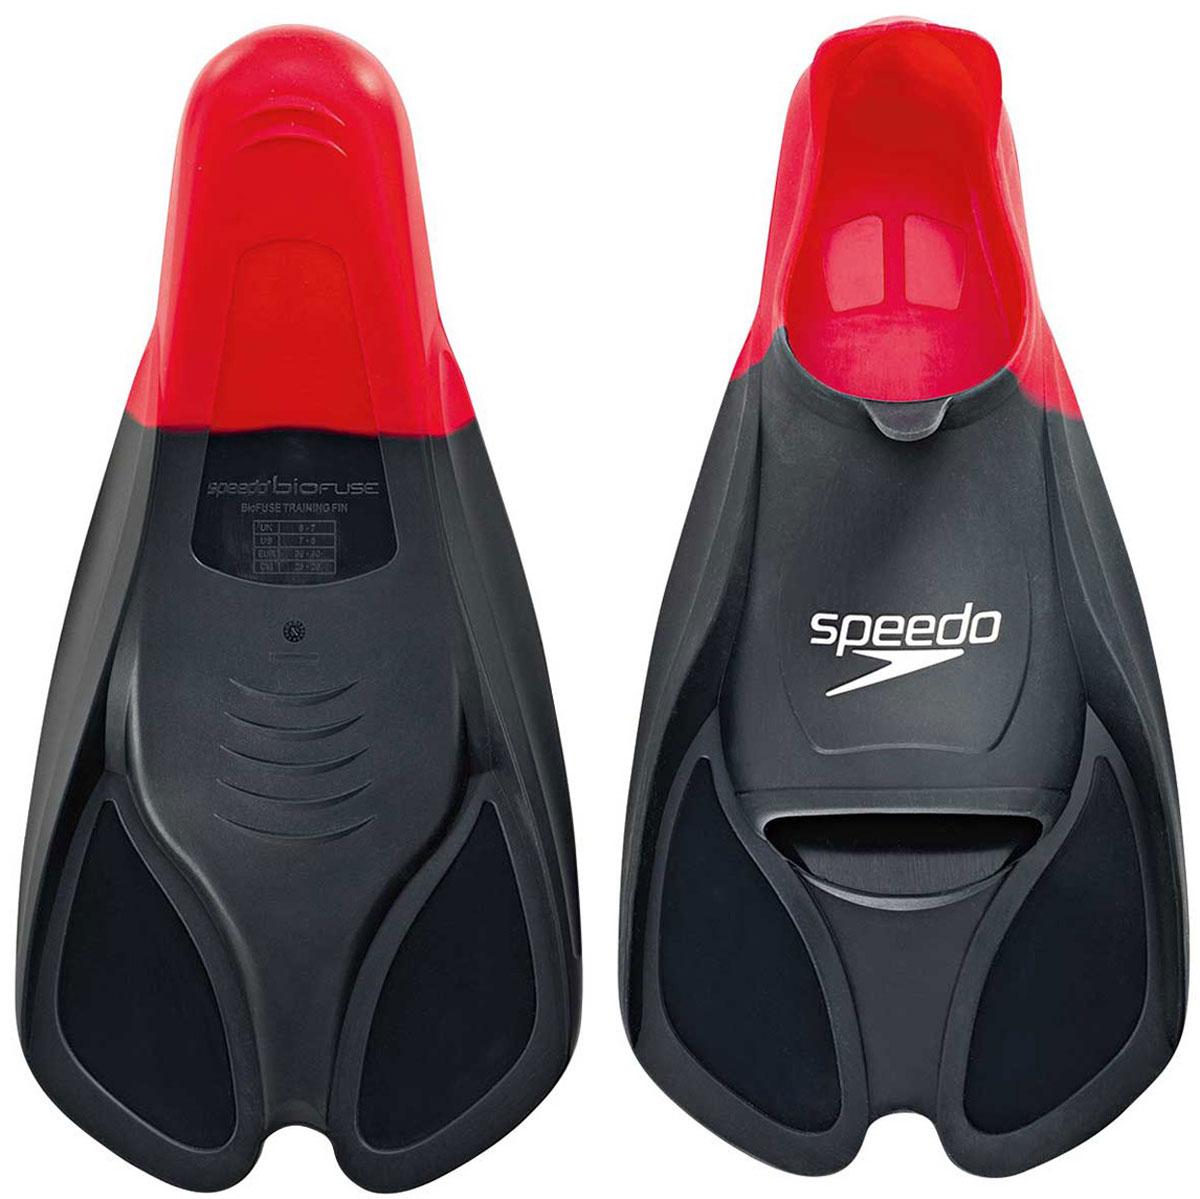 Ласты для плавания Speedo, цвет: красный. Размер 11-12. 8-088413991DRF-F367Ласты Speedo Biofuse Training Fins являются незаменимым аксессуаром для тренировки силы ног, при создании которого использовалась технология SpeedoBiofuse®. Неслучайно эти ласты для плавания предпочитает использовать многократный олимпийский чемпион Майкл Фелпс. Достаточно жесткие лопасти позволяют создать мощную тягу в воде при естественном темпе работы ног. Специальный узор на поверхности подошвы позволяет получить надежное сцепление с поверхностью бассейна. Форма башмака Speedo Biofuse Training Fin способствует развитию гибкости стопы, что позволяет сделать работу ног более эффективной. Башмак изготовлен из мягкого силикона, который не натирает кожу и прекрасно растягивается. Ласты для плавания Speedo Biofuse Tech Fin отлично подходят для тренировки работы ног в спринте, а также для повышения качества работы ног во время обучения плаванию.Специалисты Proswim.ru рекомендуют Speedo Biofuse Training Fin спортсменам-спринтерам, а также всем, кто имеет желание увеличить силу ног. Ласты для плавания станут вашим лучшим помощником на пути совершенствования работы ног.